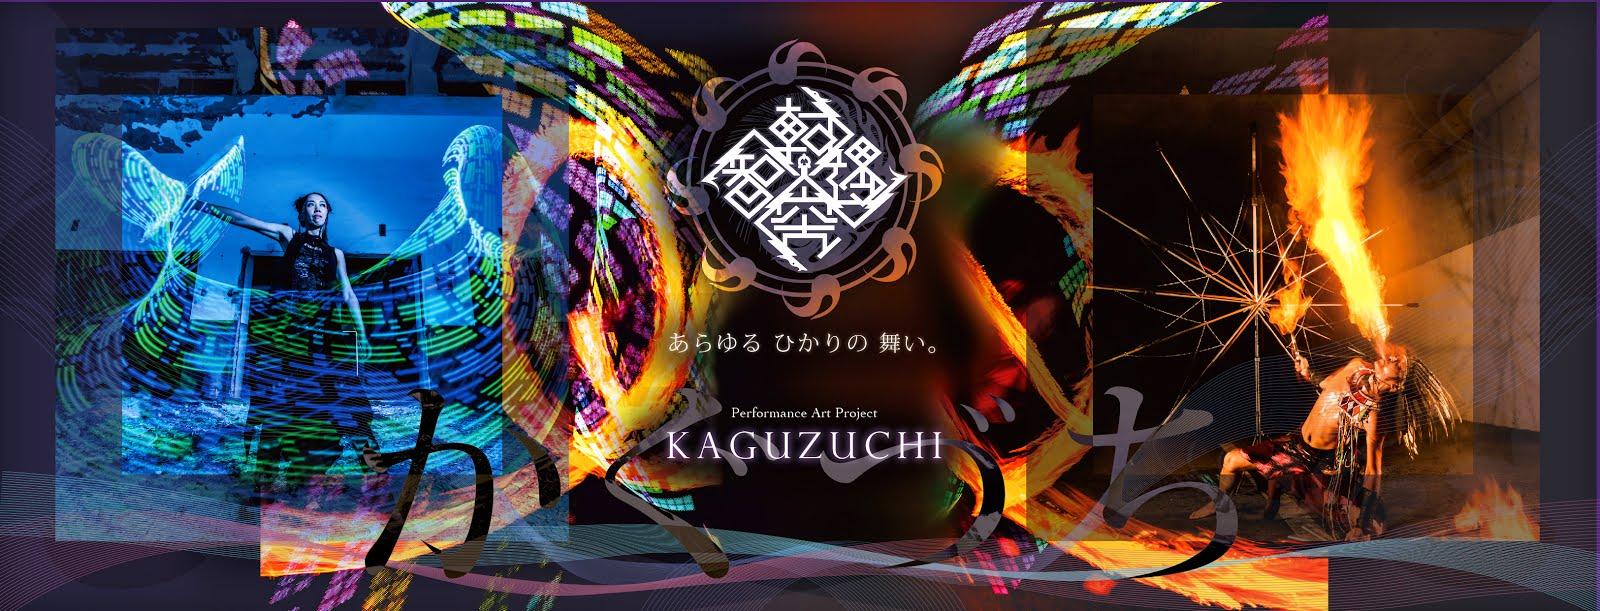 雷光炎舞集団「かぐづち-KAGUZUCHI-」